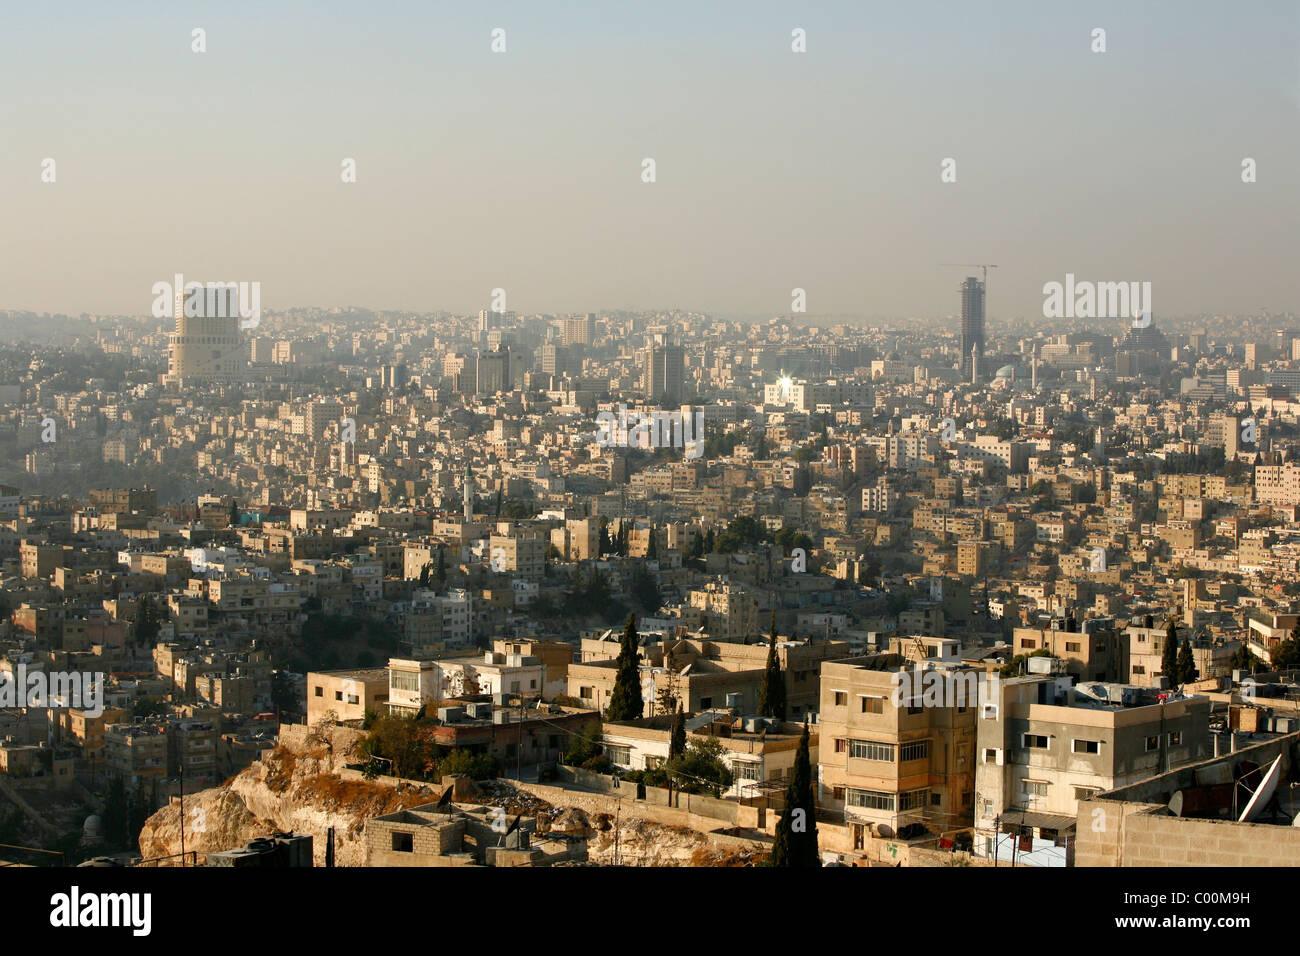 Skyline di Amman Amman, Giordania. Immagini Stock